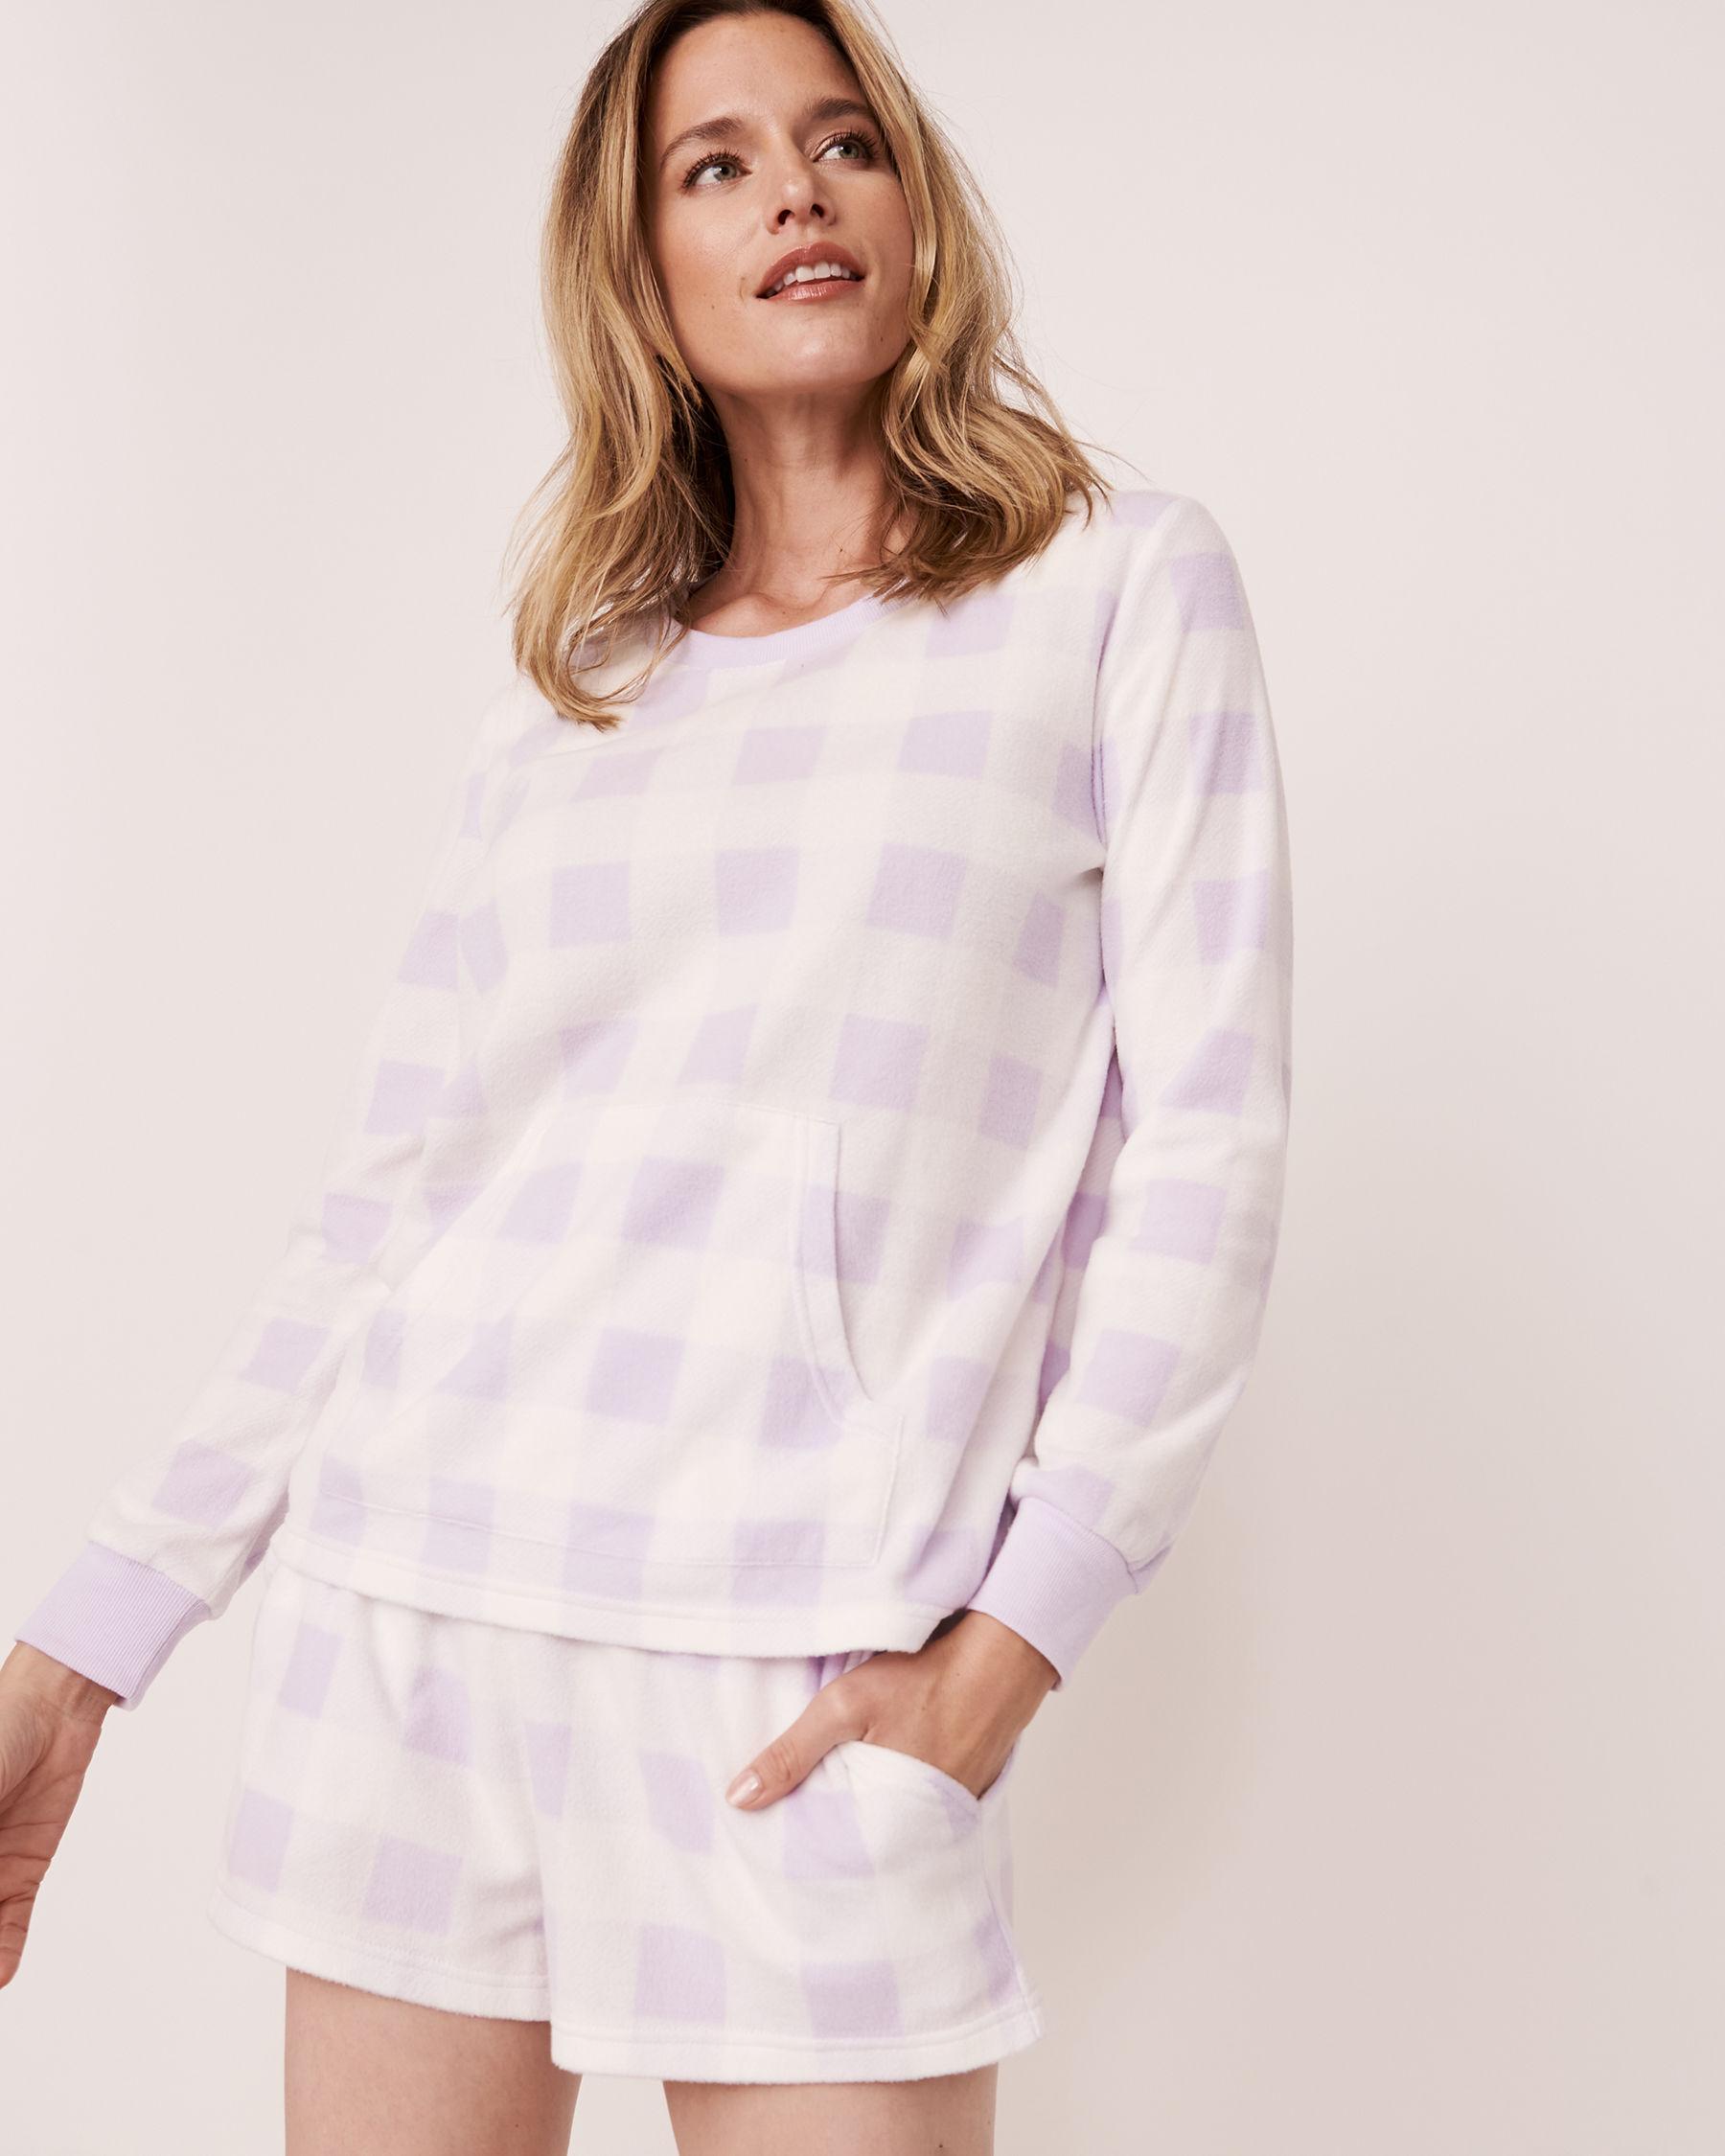 LA VIE EN ROSE Ensemble pyjama short en micropolaire Vichy mauve 40400014 - Voir1